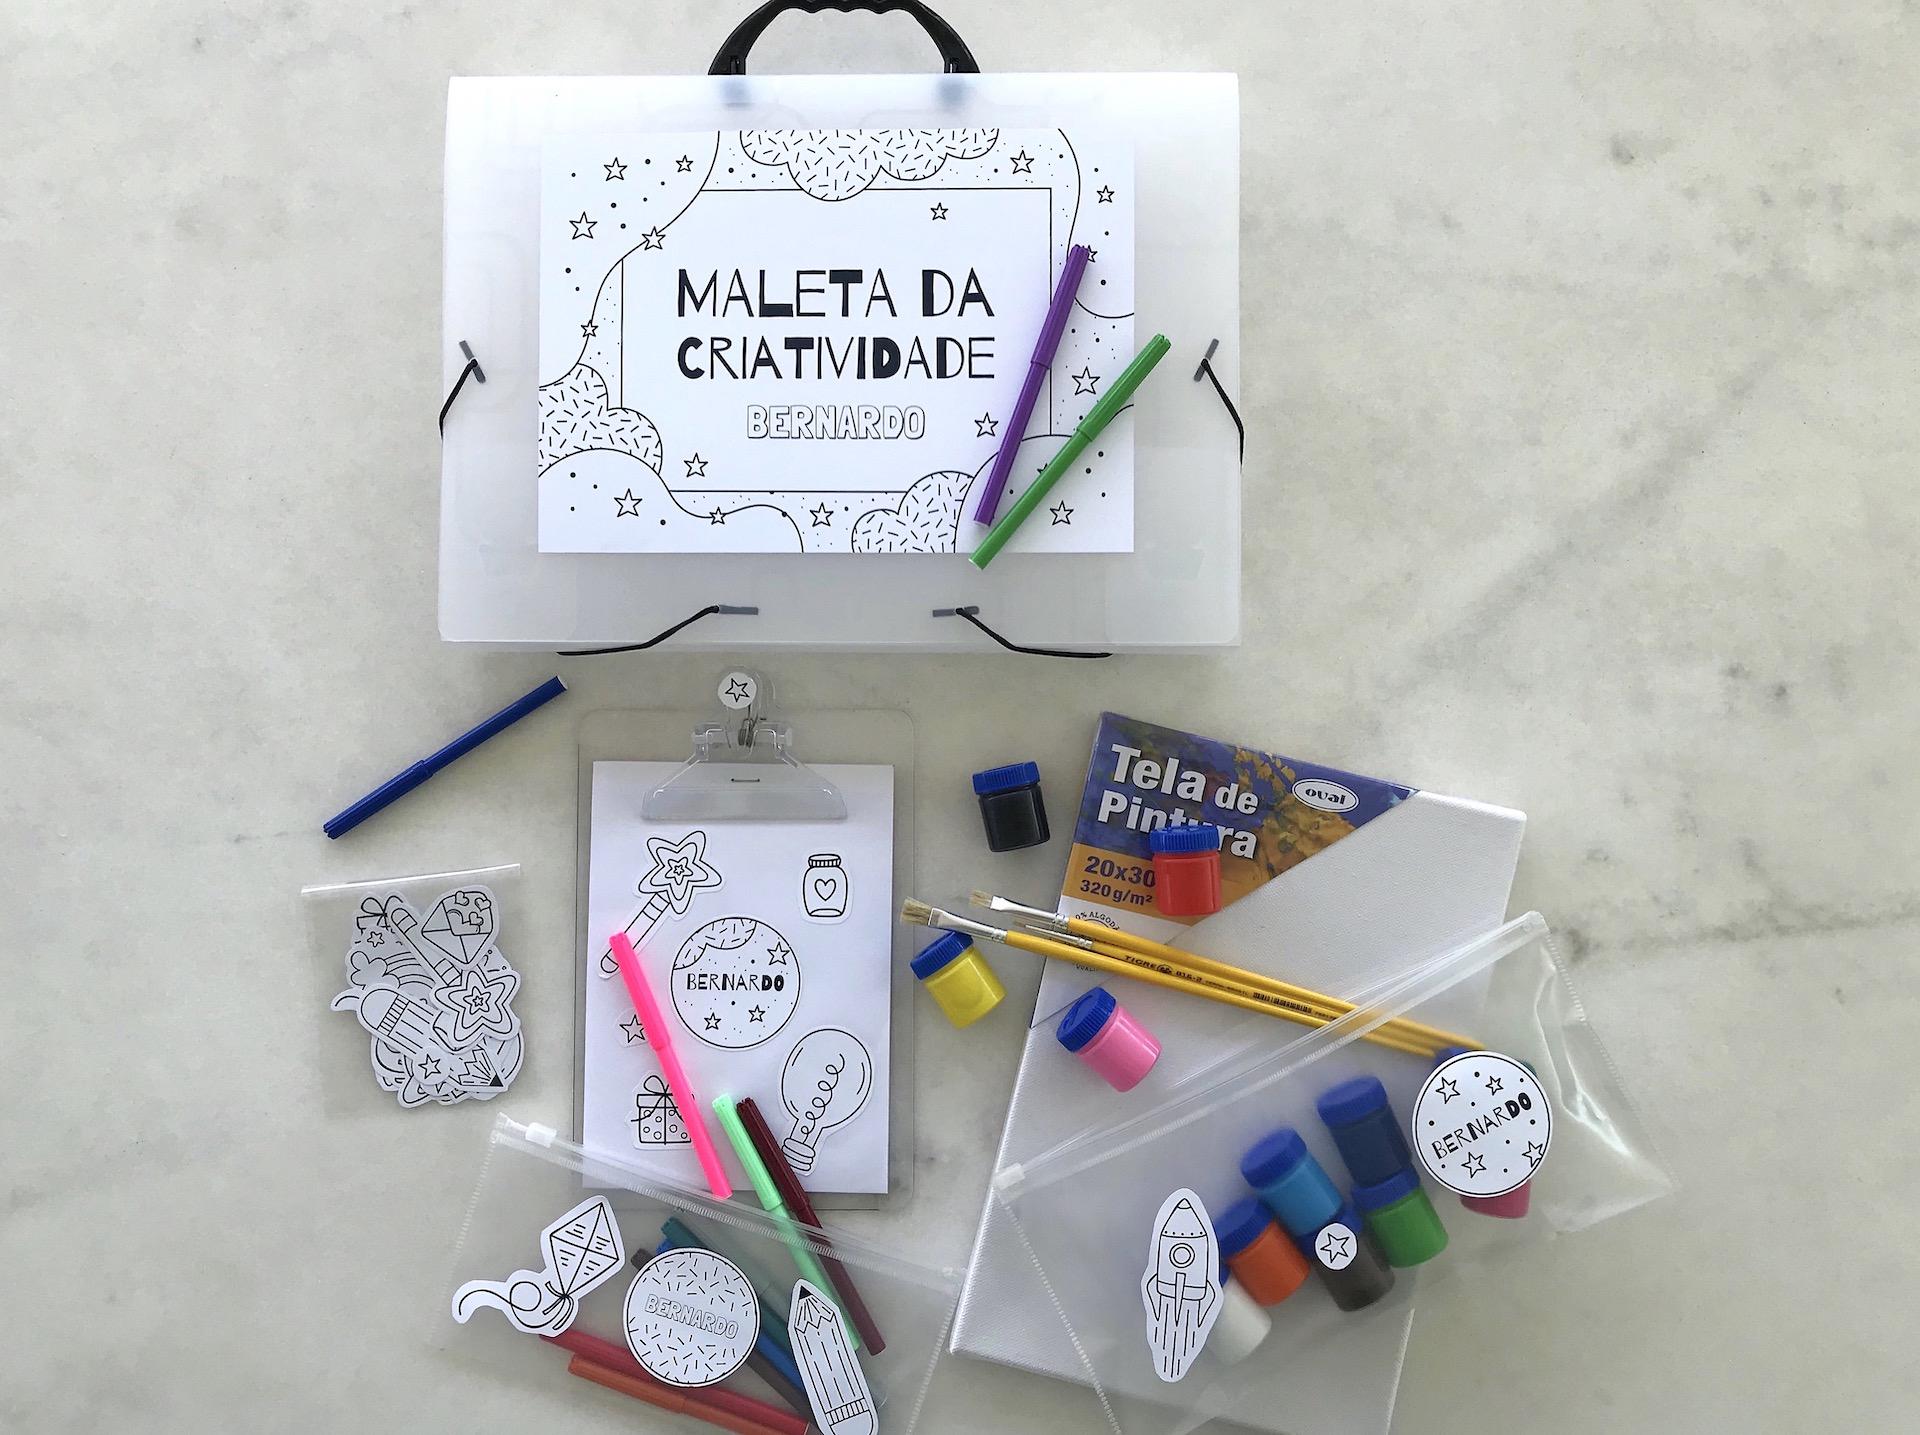 presente personalizado para o dia das crianças ideias maleta da criatividade